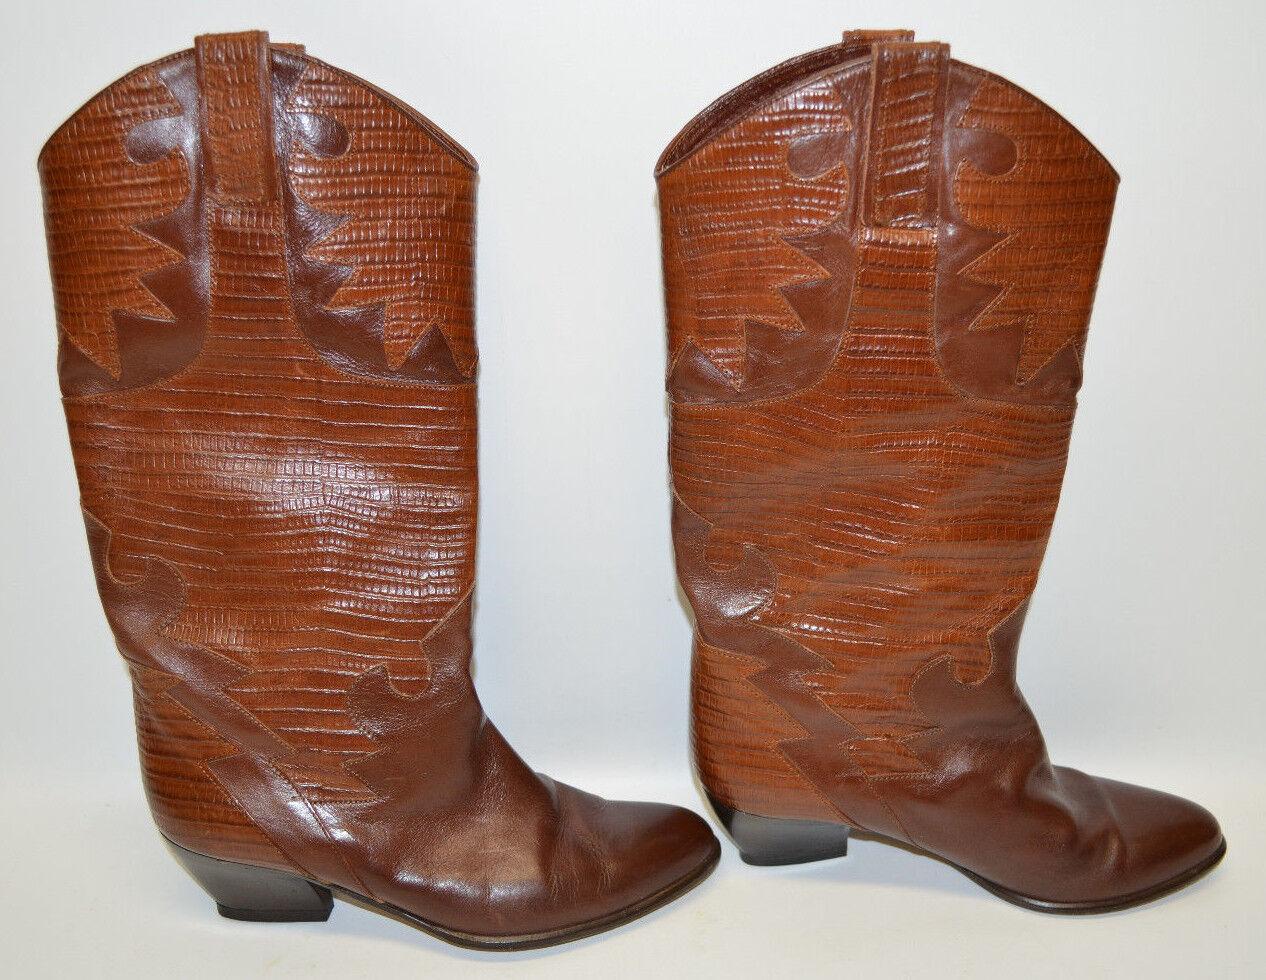 risparmia fino al 70% di sconto Sesto Meucci stivali Marrone Leather Patterned 2    Heel Pull Straps Donna  8.5 B  prezzi eccellenti